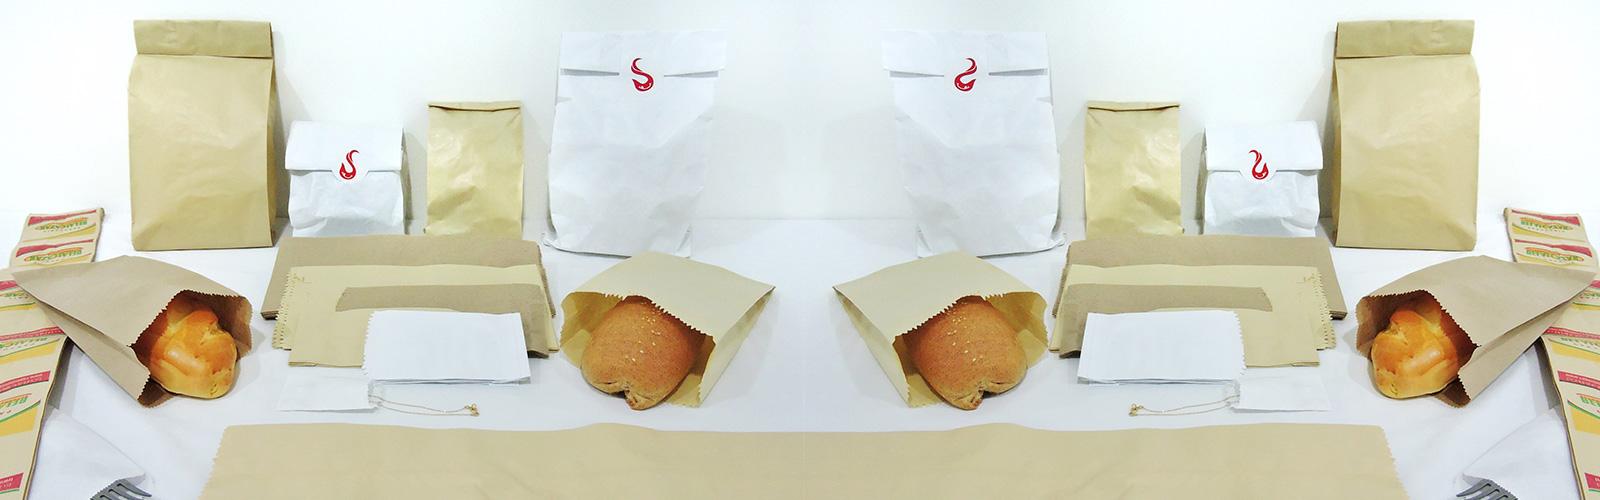 vermas-slide-bolsasdepapel